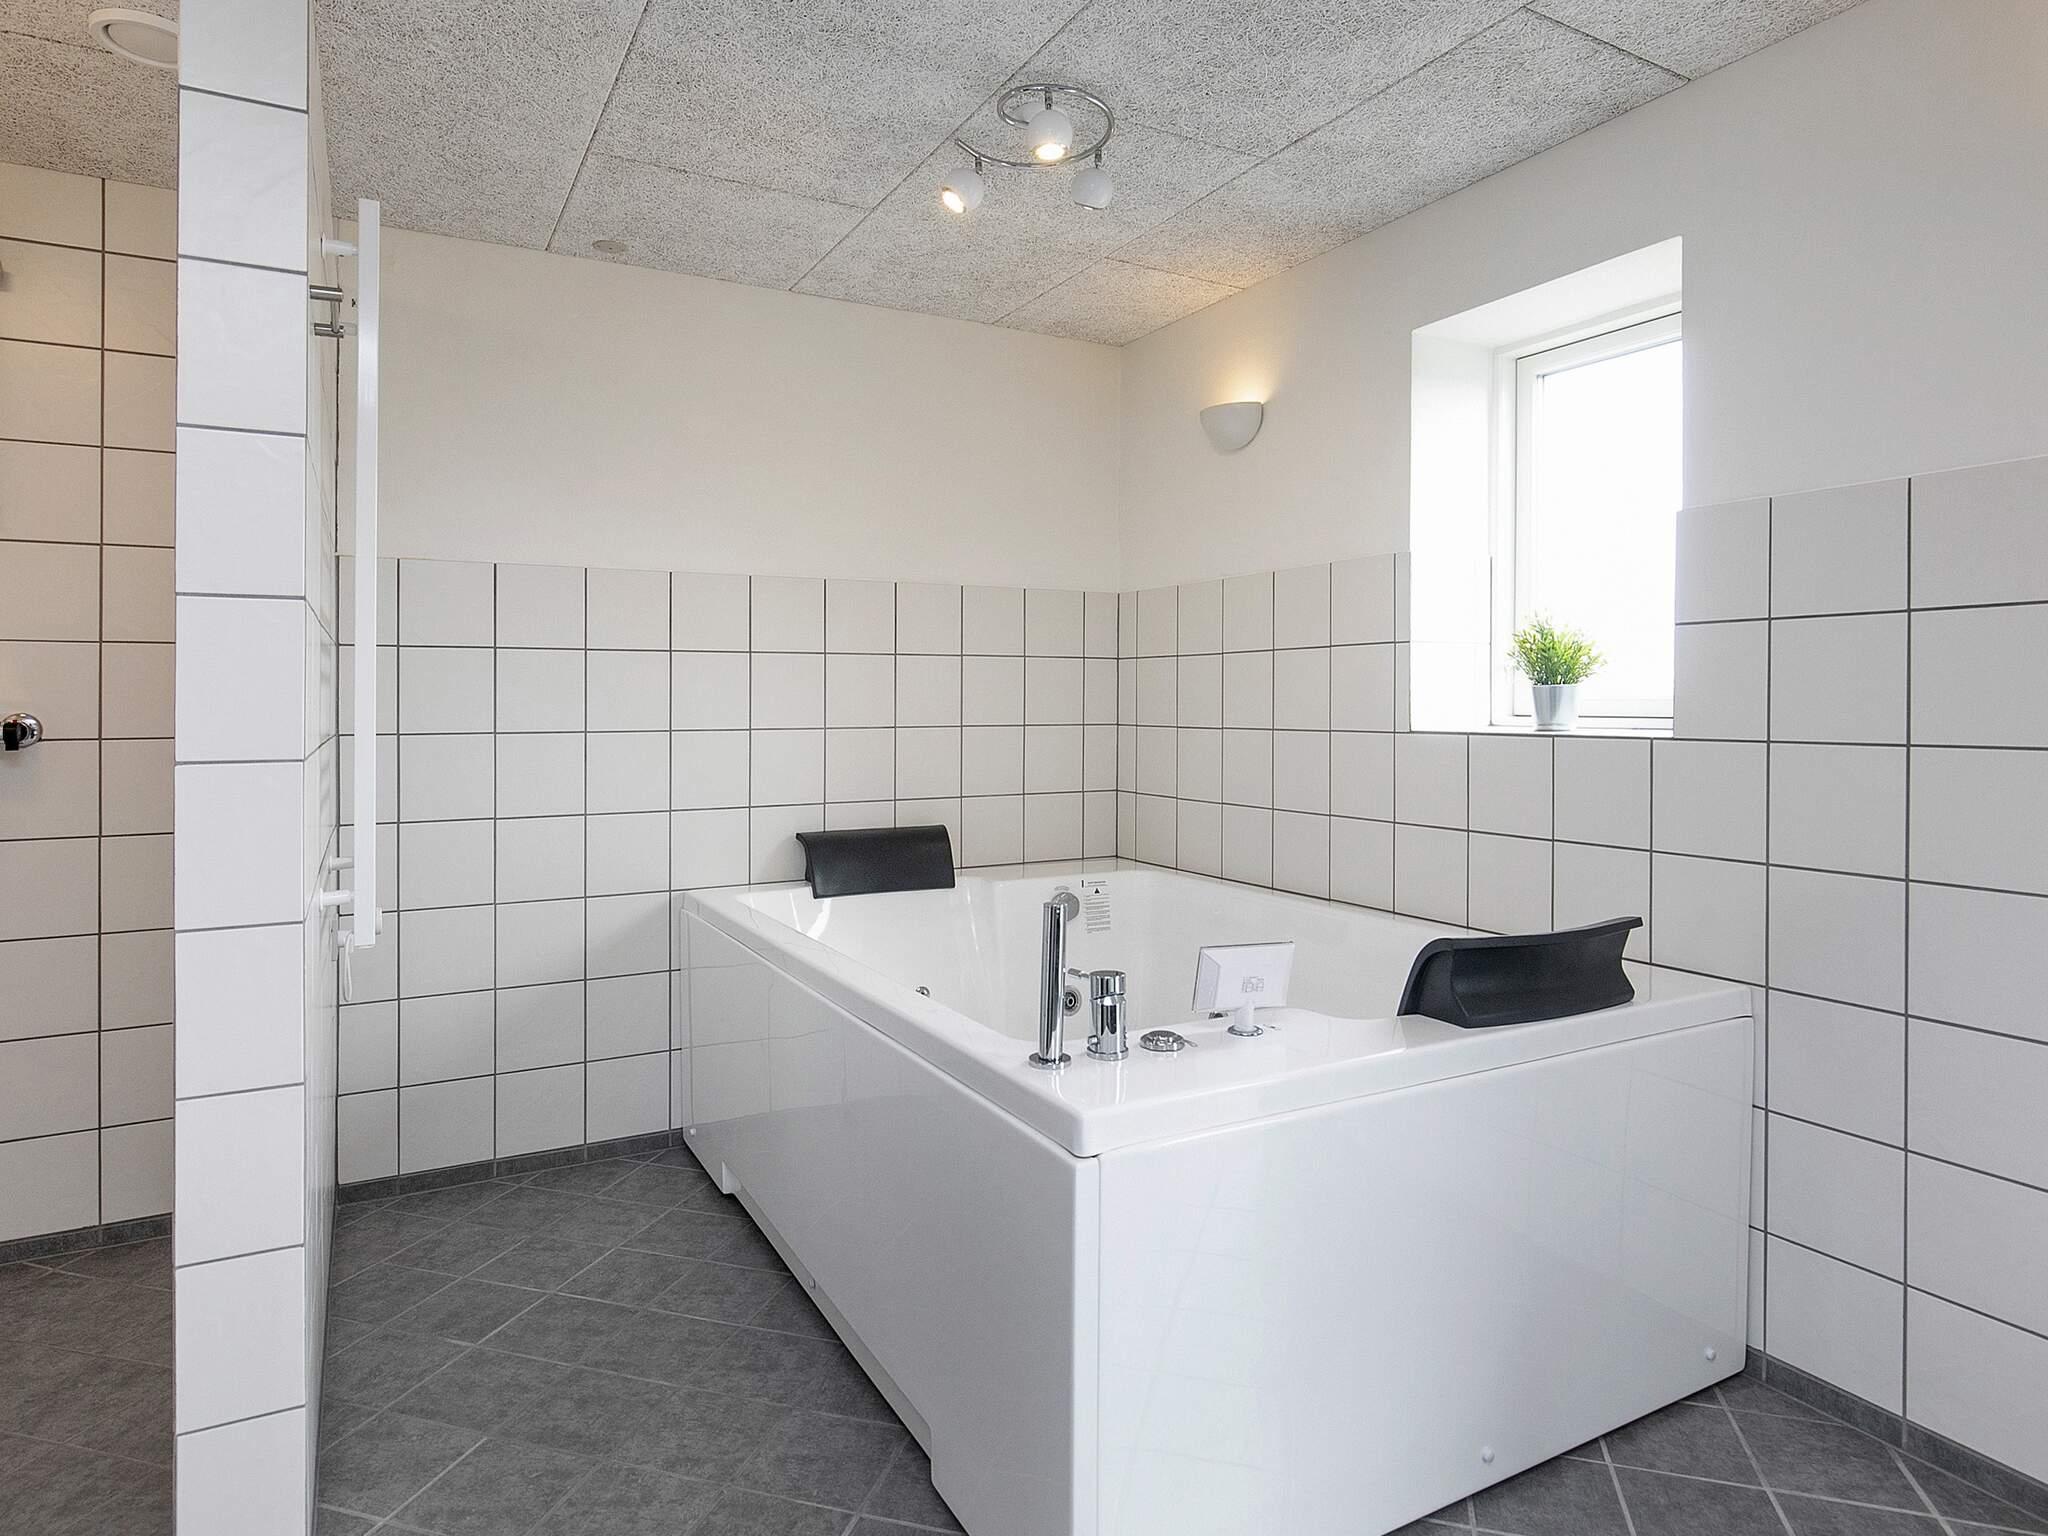 Ferienhaus Ærø/Ærøskøbing (237302), Ærøskøbing, , Ærø, Dänemark, Bild 41